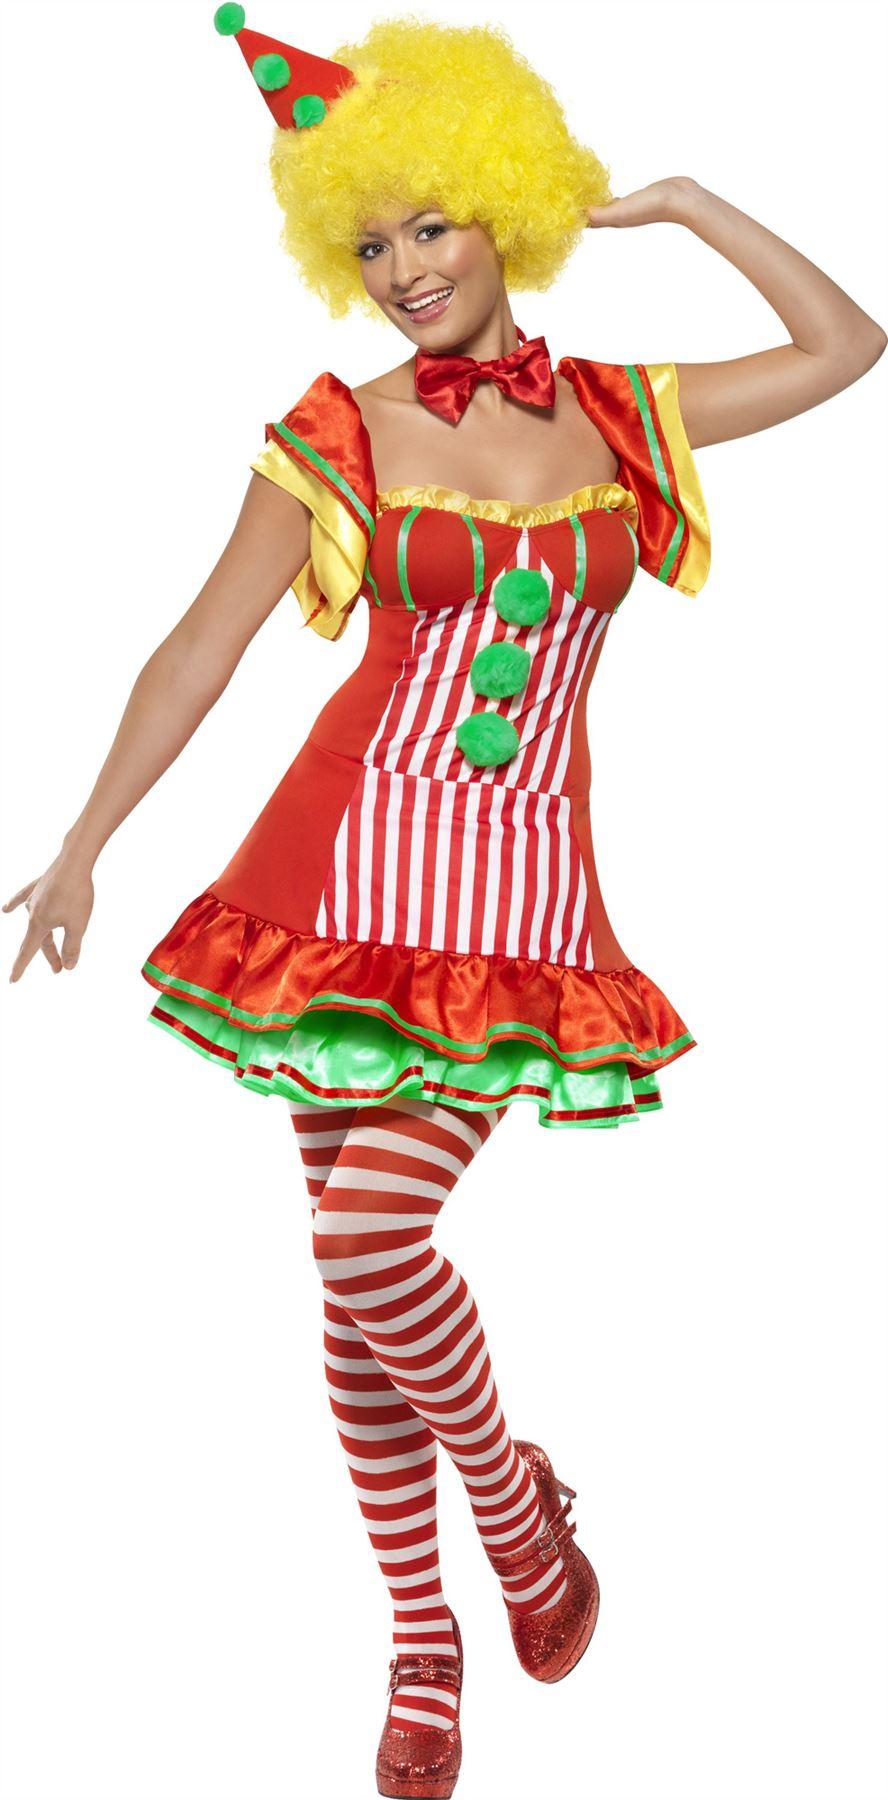 Mujer-Boo-Boo-Disfraz-de-Payaso-Circo-Mujer-Disfraz